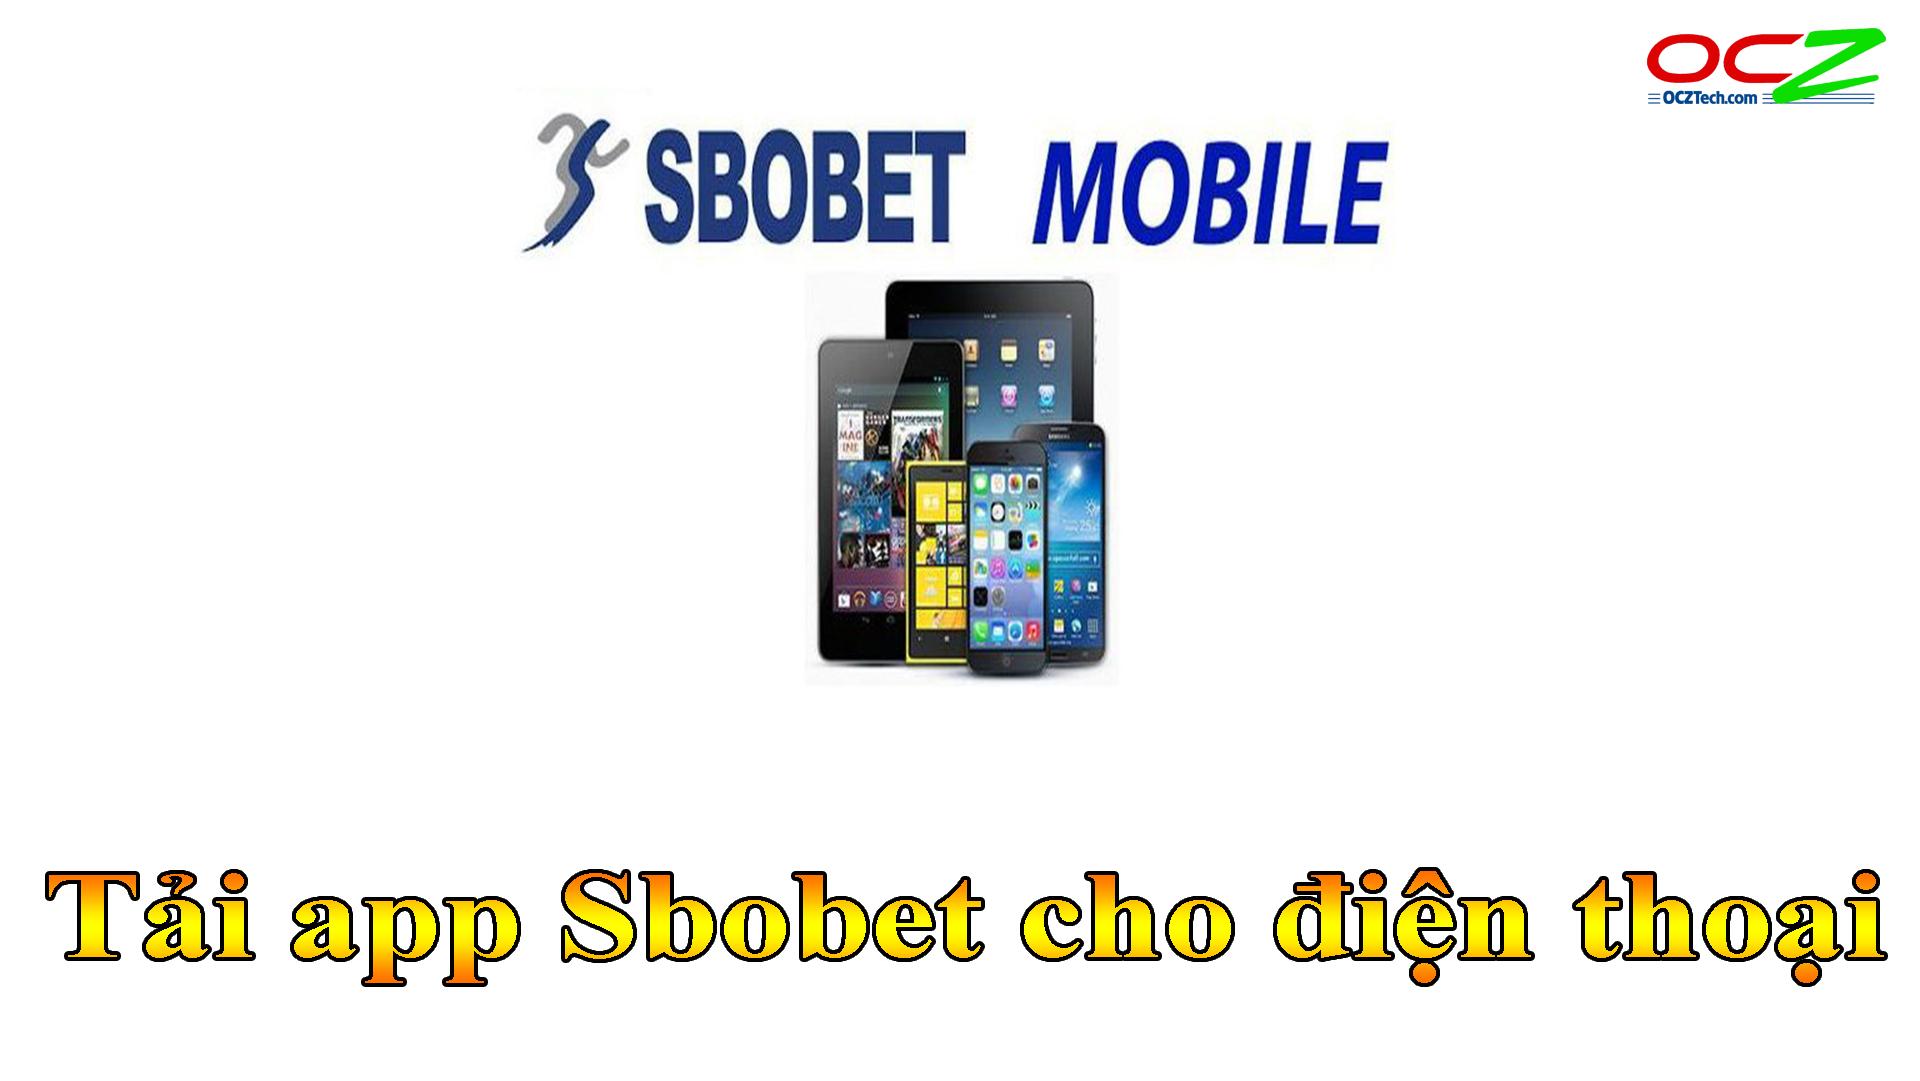 Tải app Sbobet cho điện thoại